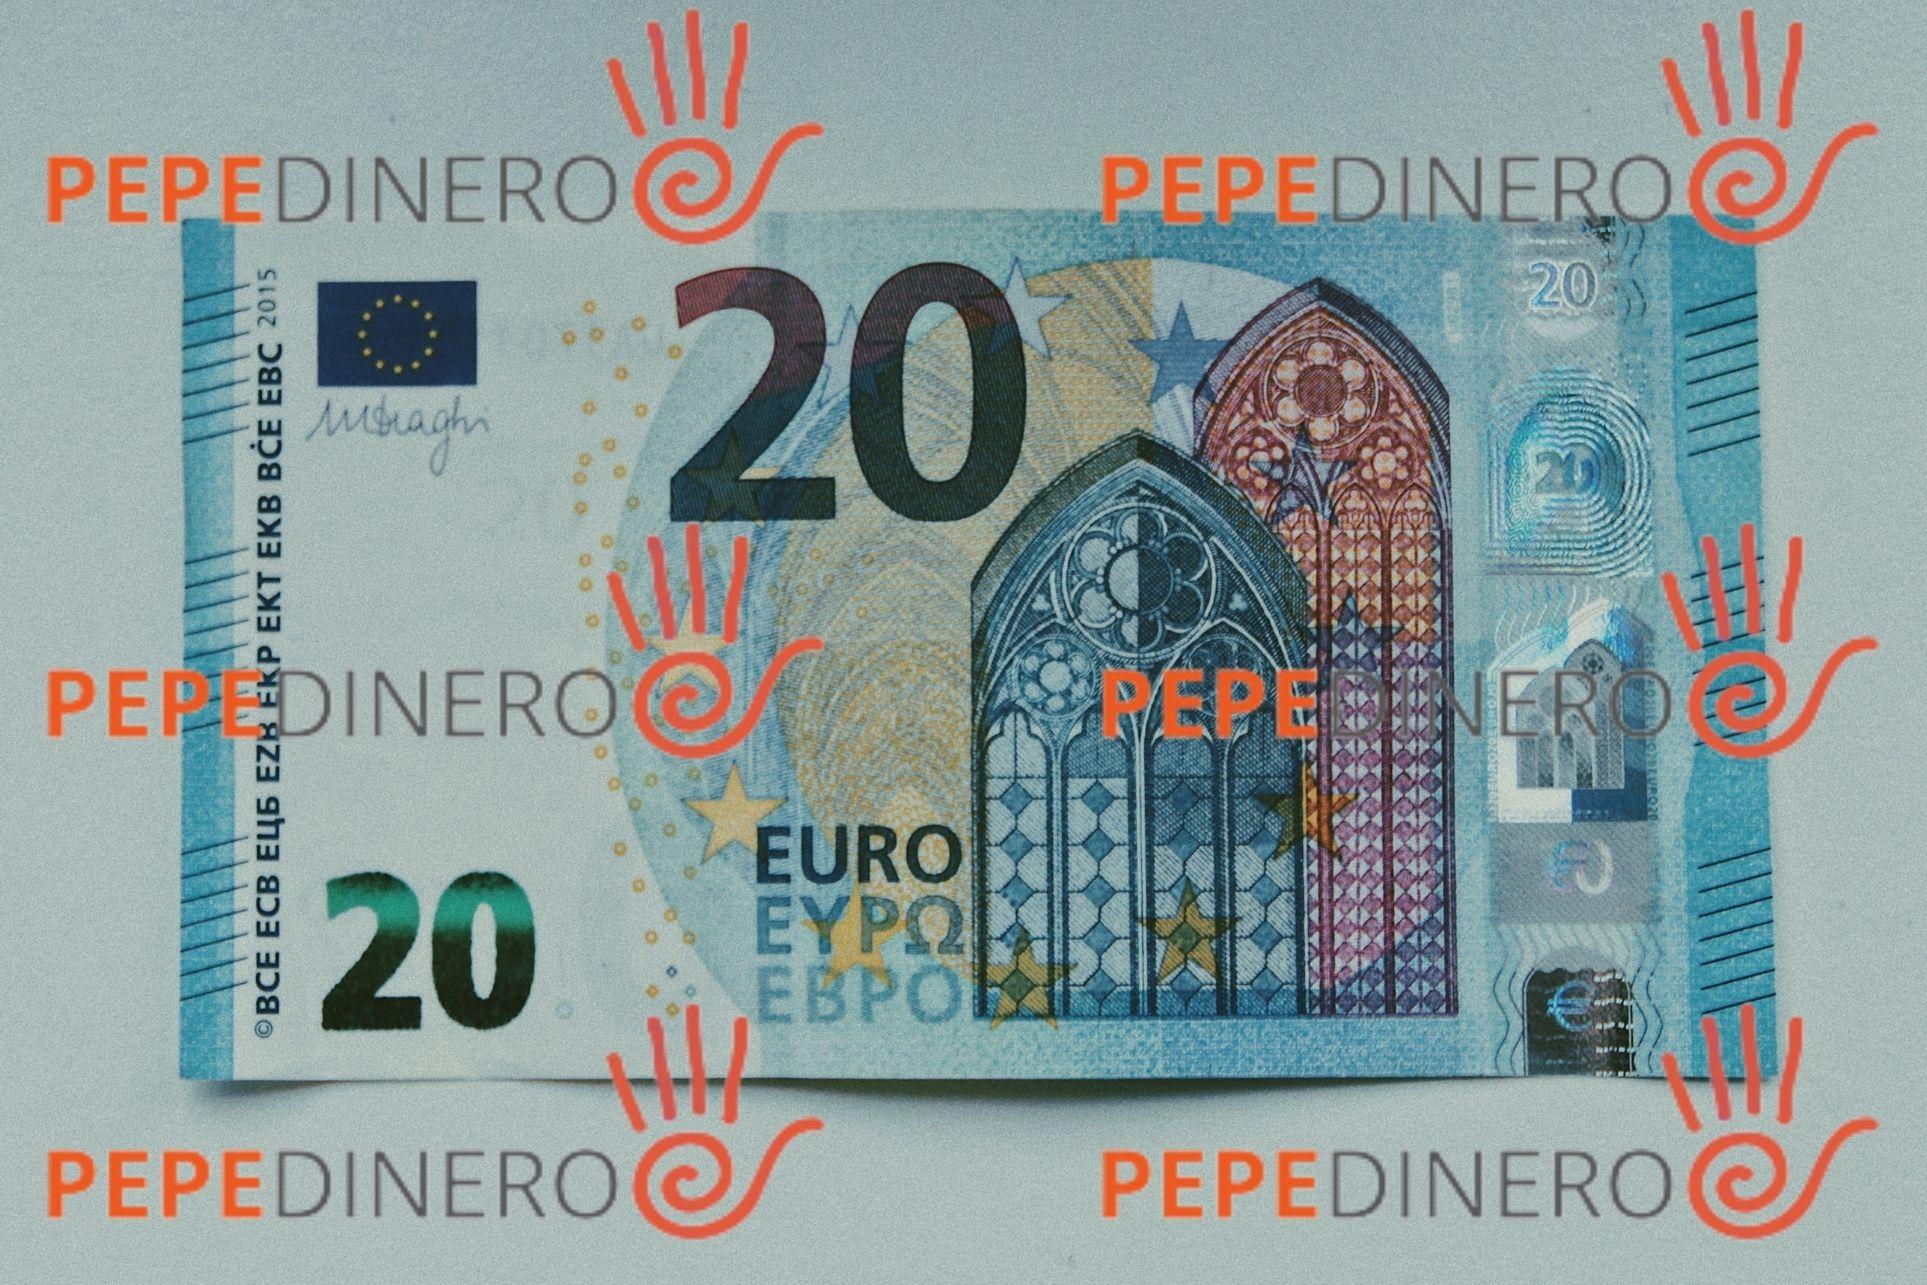 Cómo Denunciar un Microcrédito Pepe Dinero